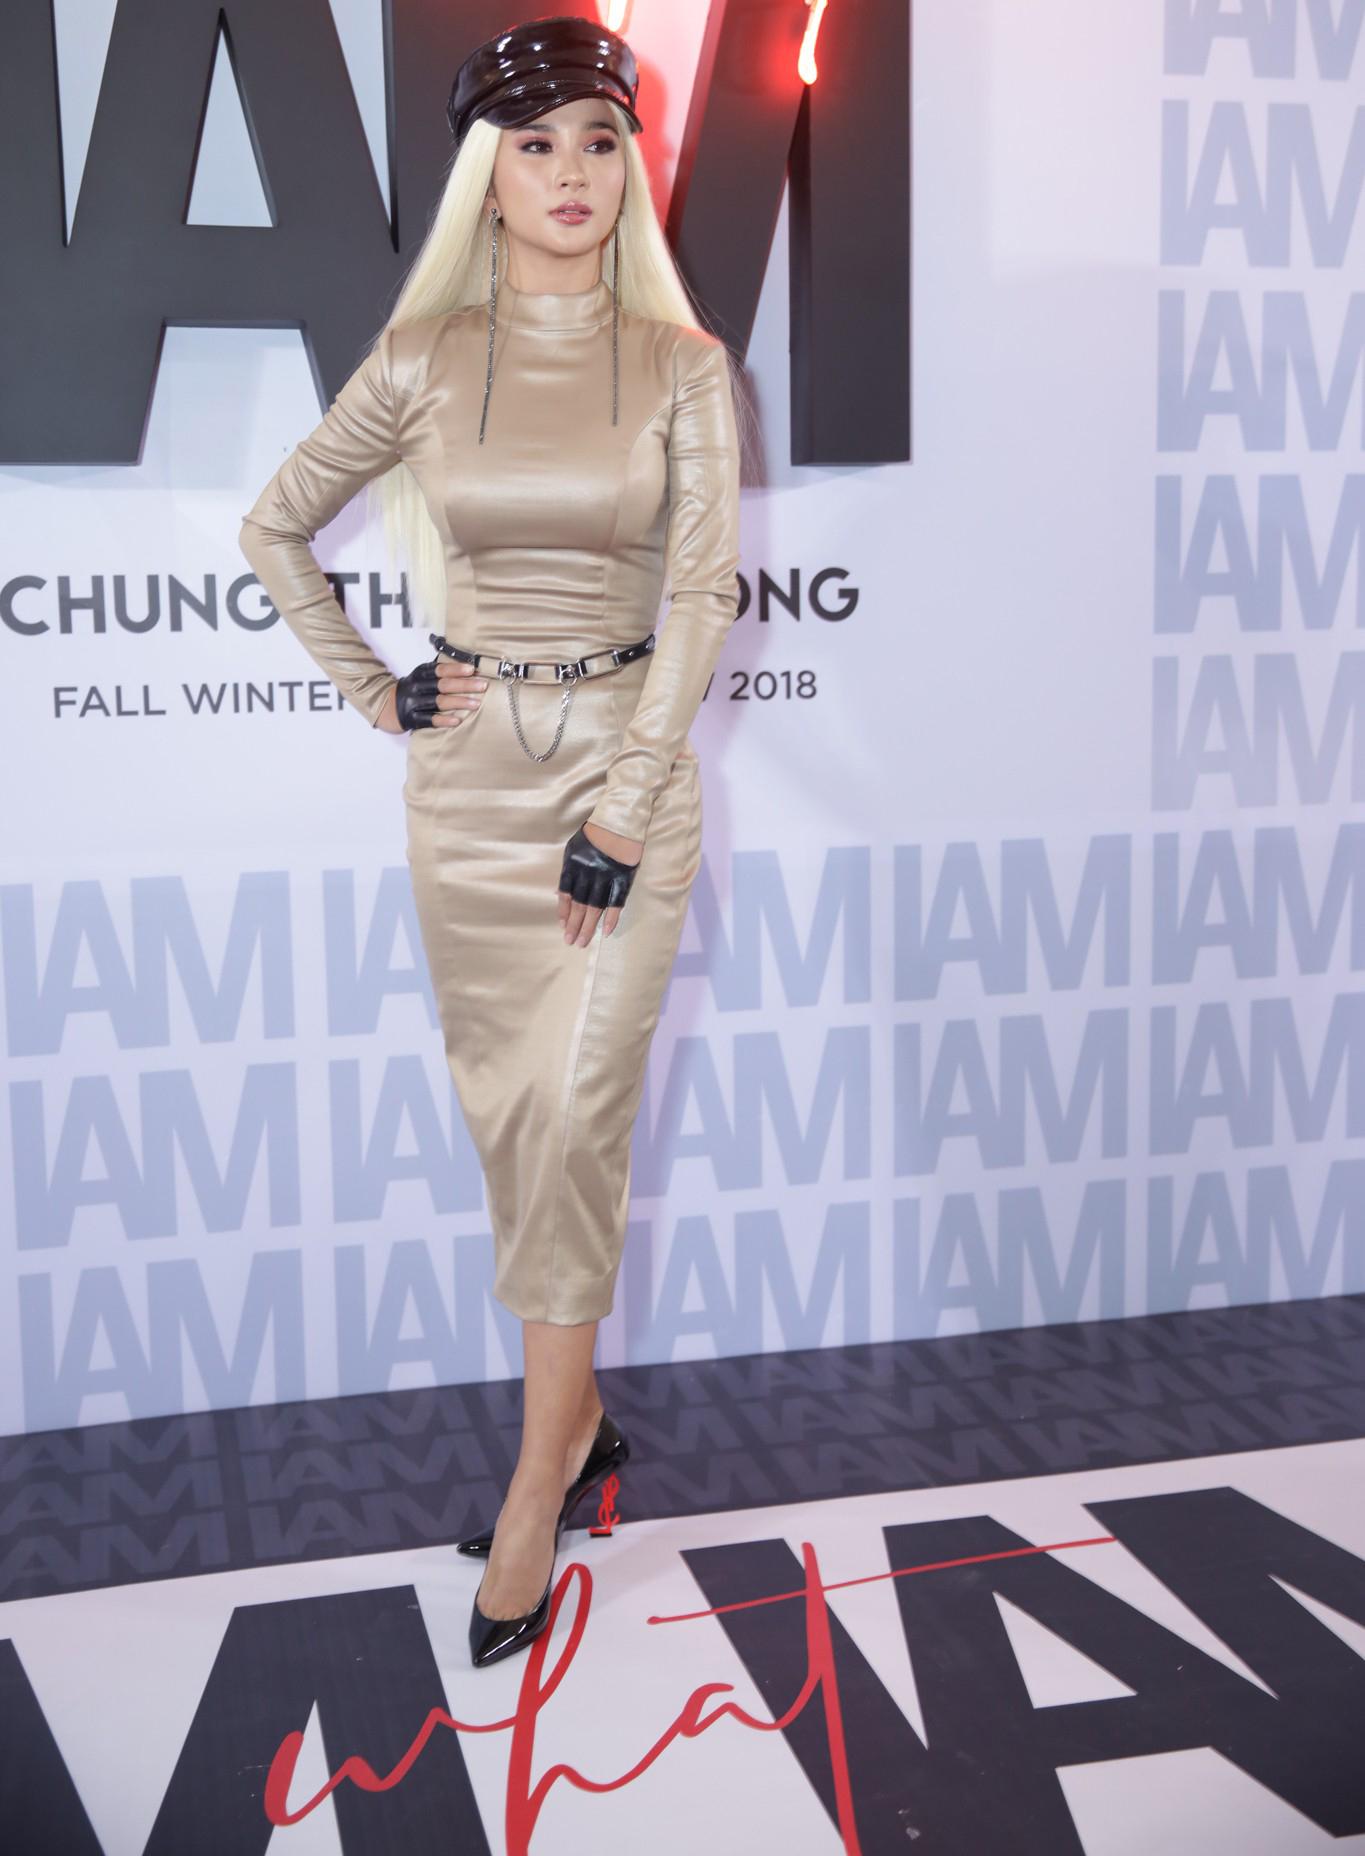 Thảm đỏ show Chung Thanh Phong: Khi dàn sao nữ đồng loạt lên đồ như dự lễ hội Halloween - Ảnh 7